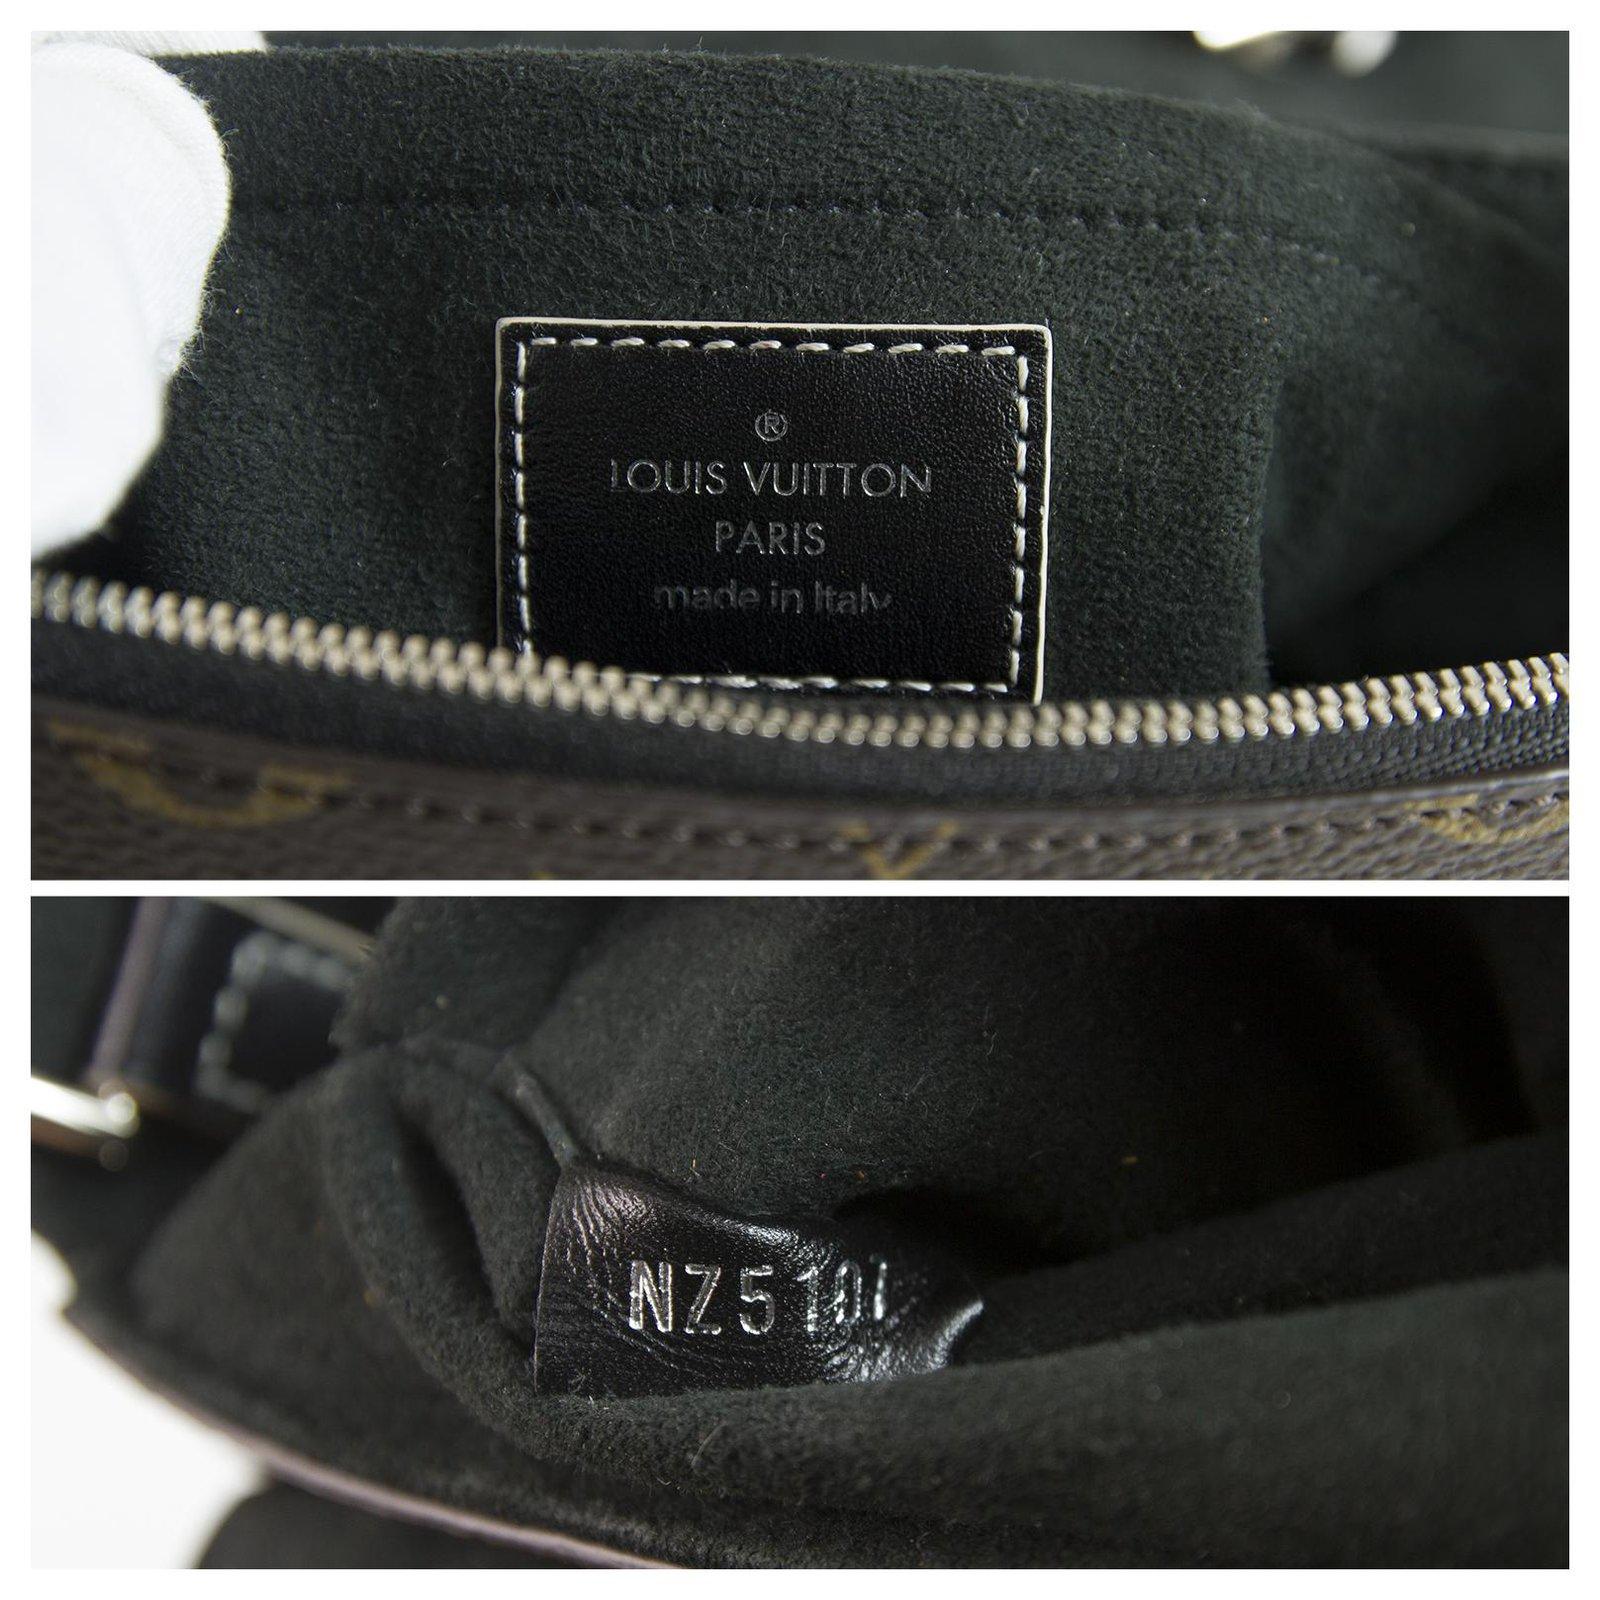 7e96d6c2c818 Louis Vuitton LOUIS VUITTON Chain It Bag PM Canvas   Black Leather Handbag  Crossbody S S 2017 Handbags Leather Brown ref.123409 - Joli Closet